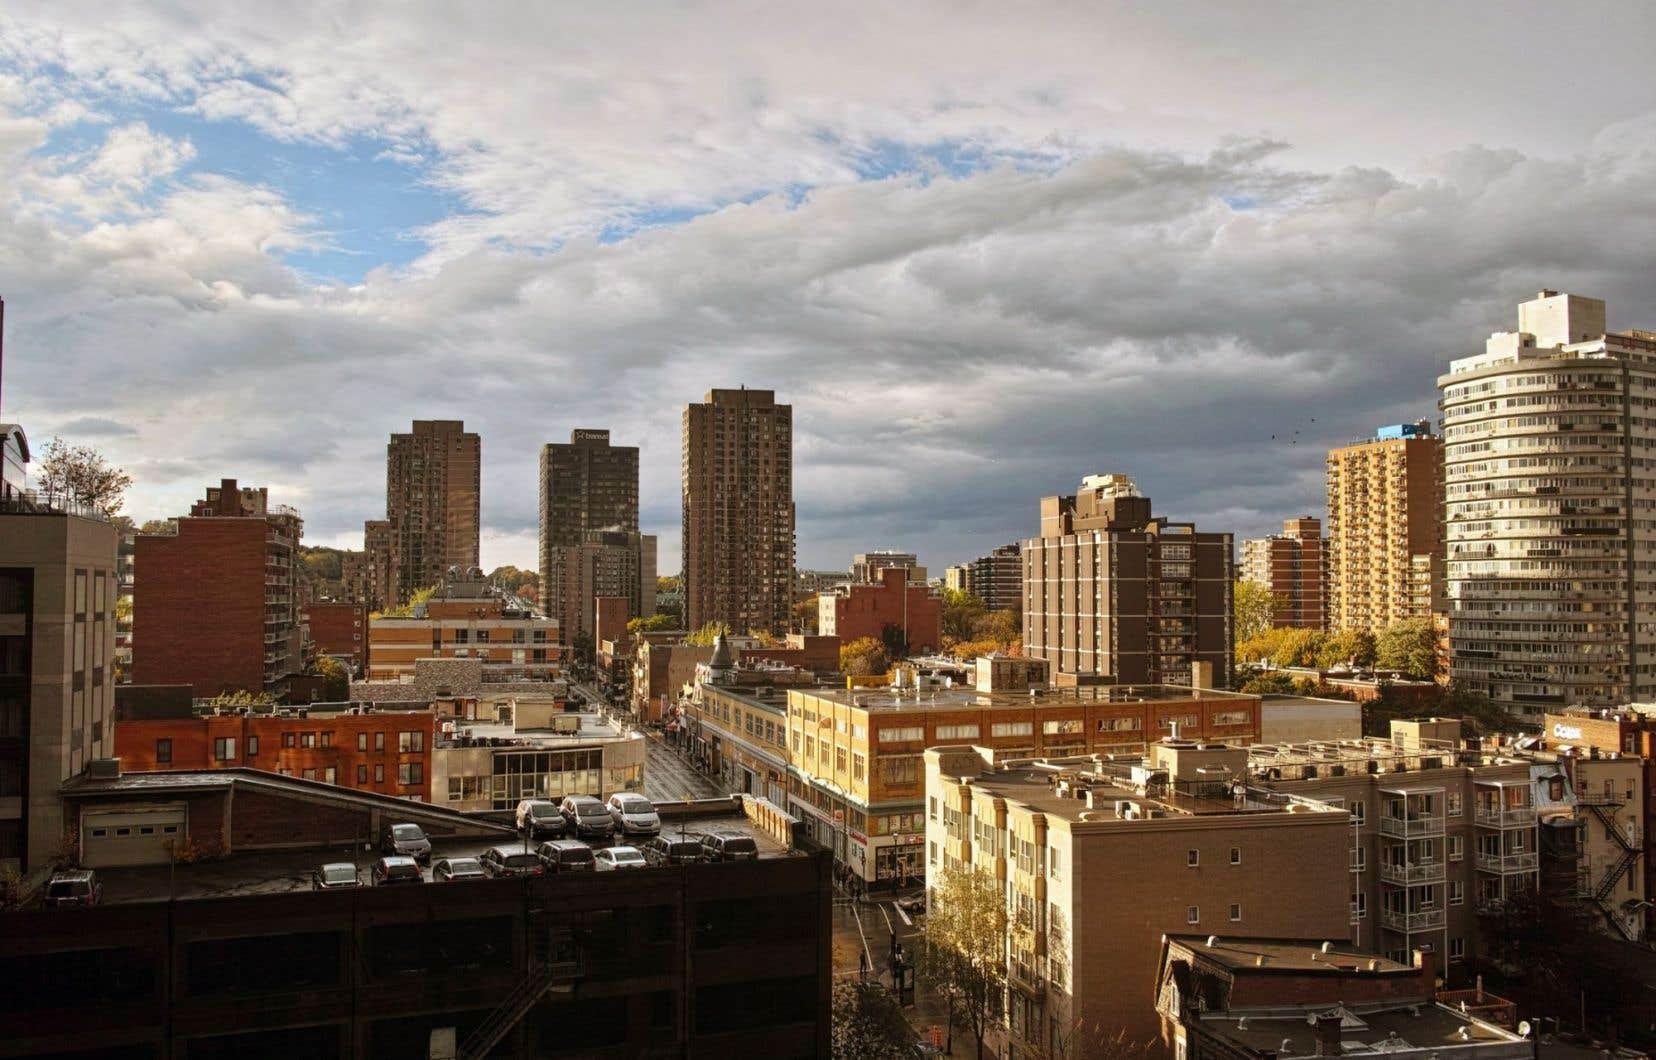 Déjà en 2008, une entente entre Montréal et le gouvernement du Québec visait à «permettre à la ville de mieux jouer son rôle de métropole, en lui accordant une plus grande autonomie financière et administrative».